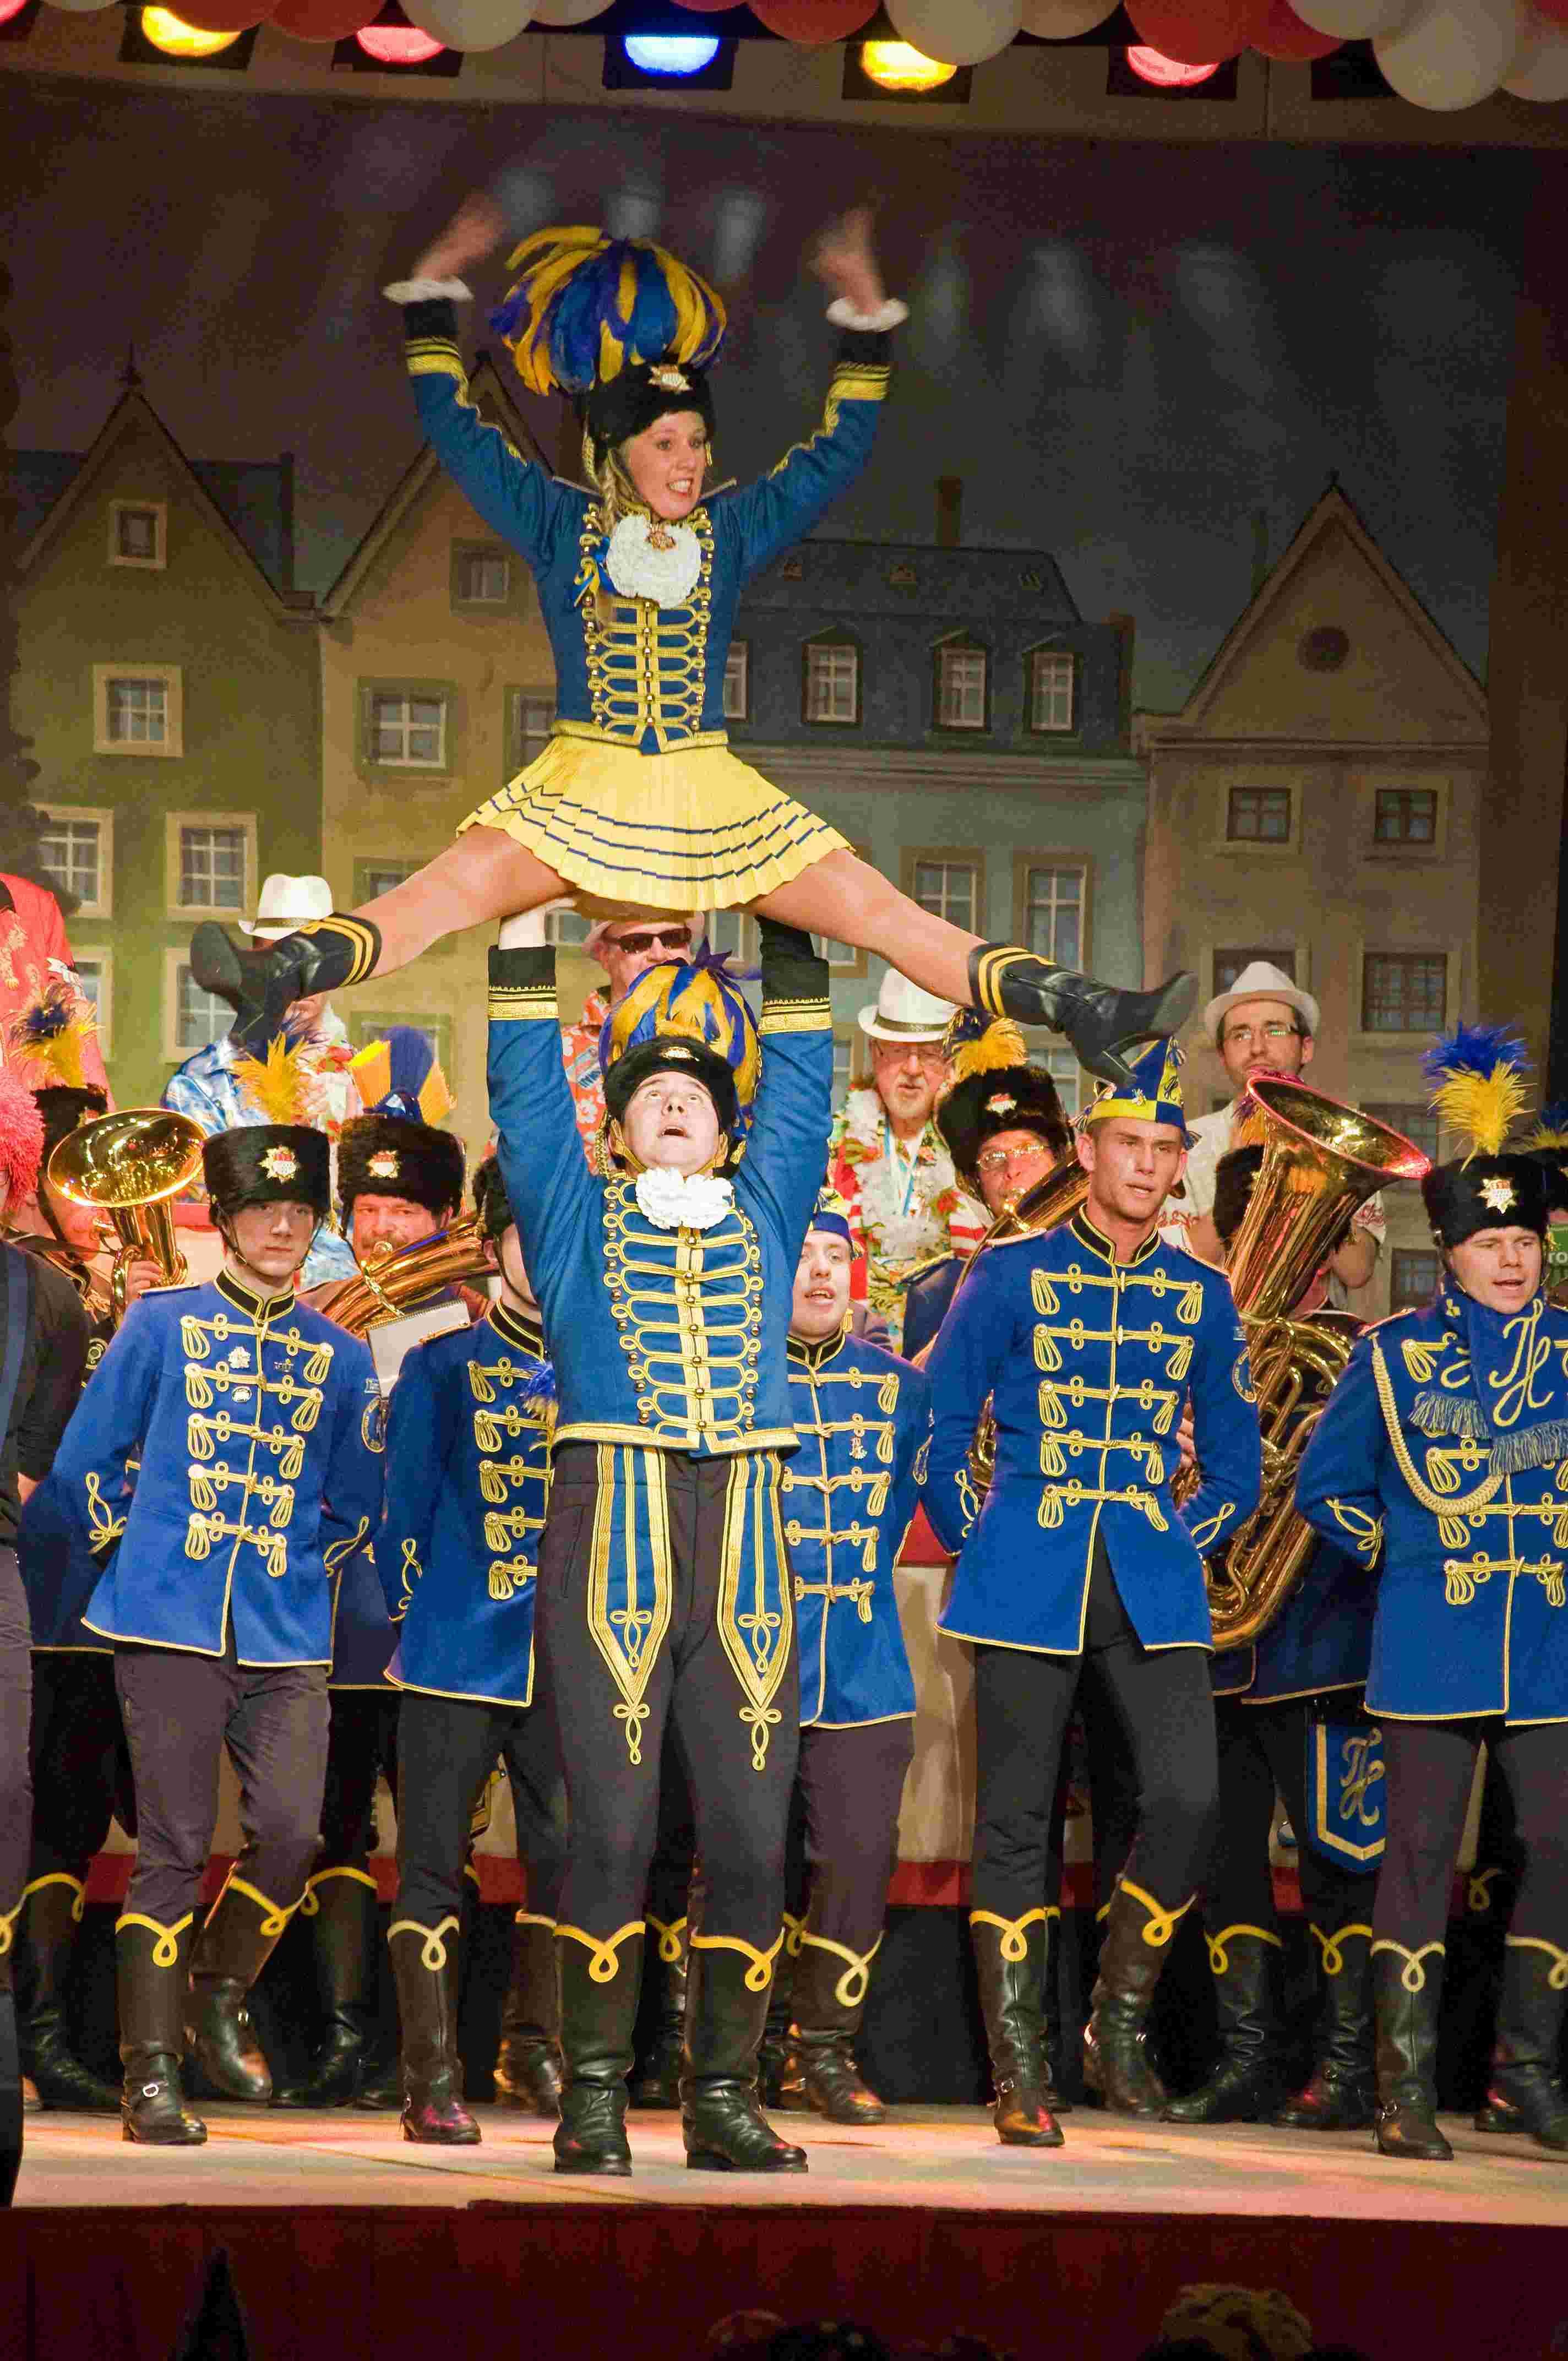 Sitzung 2014 29 - Husaren blau-gelb von 1925